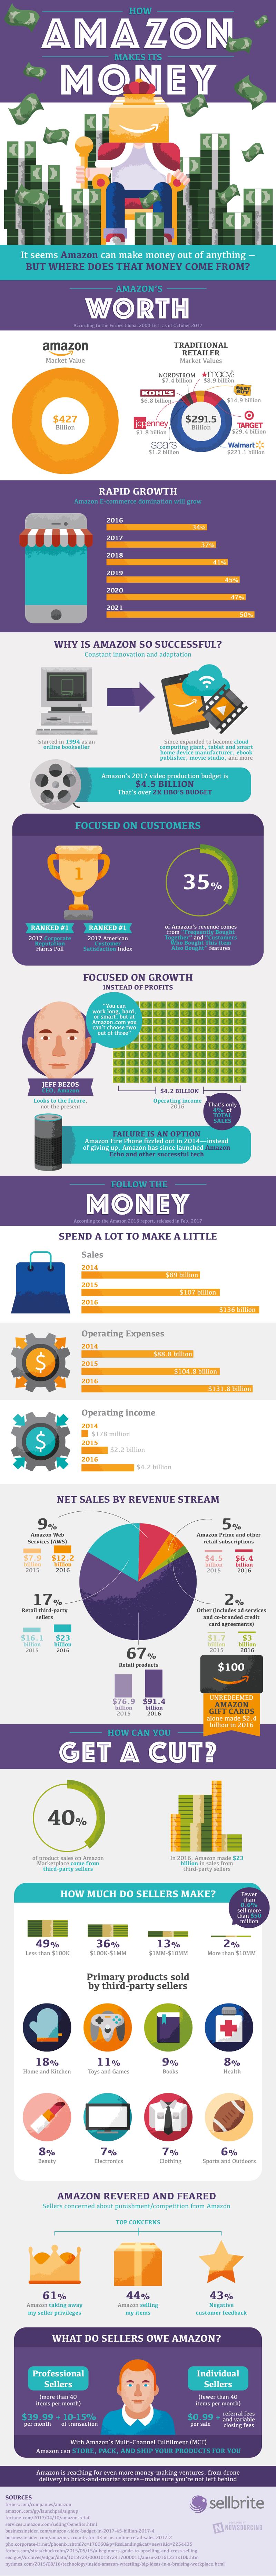 Amazon's-Yearly-Revenue